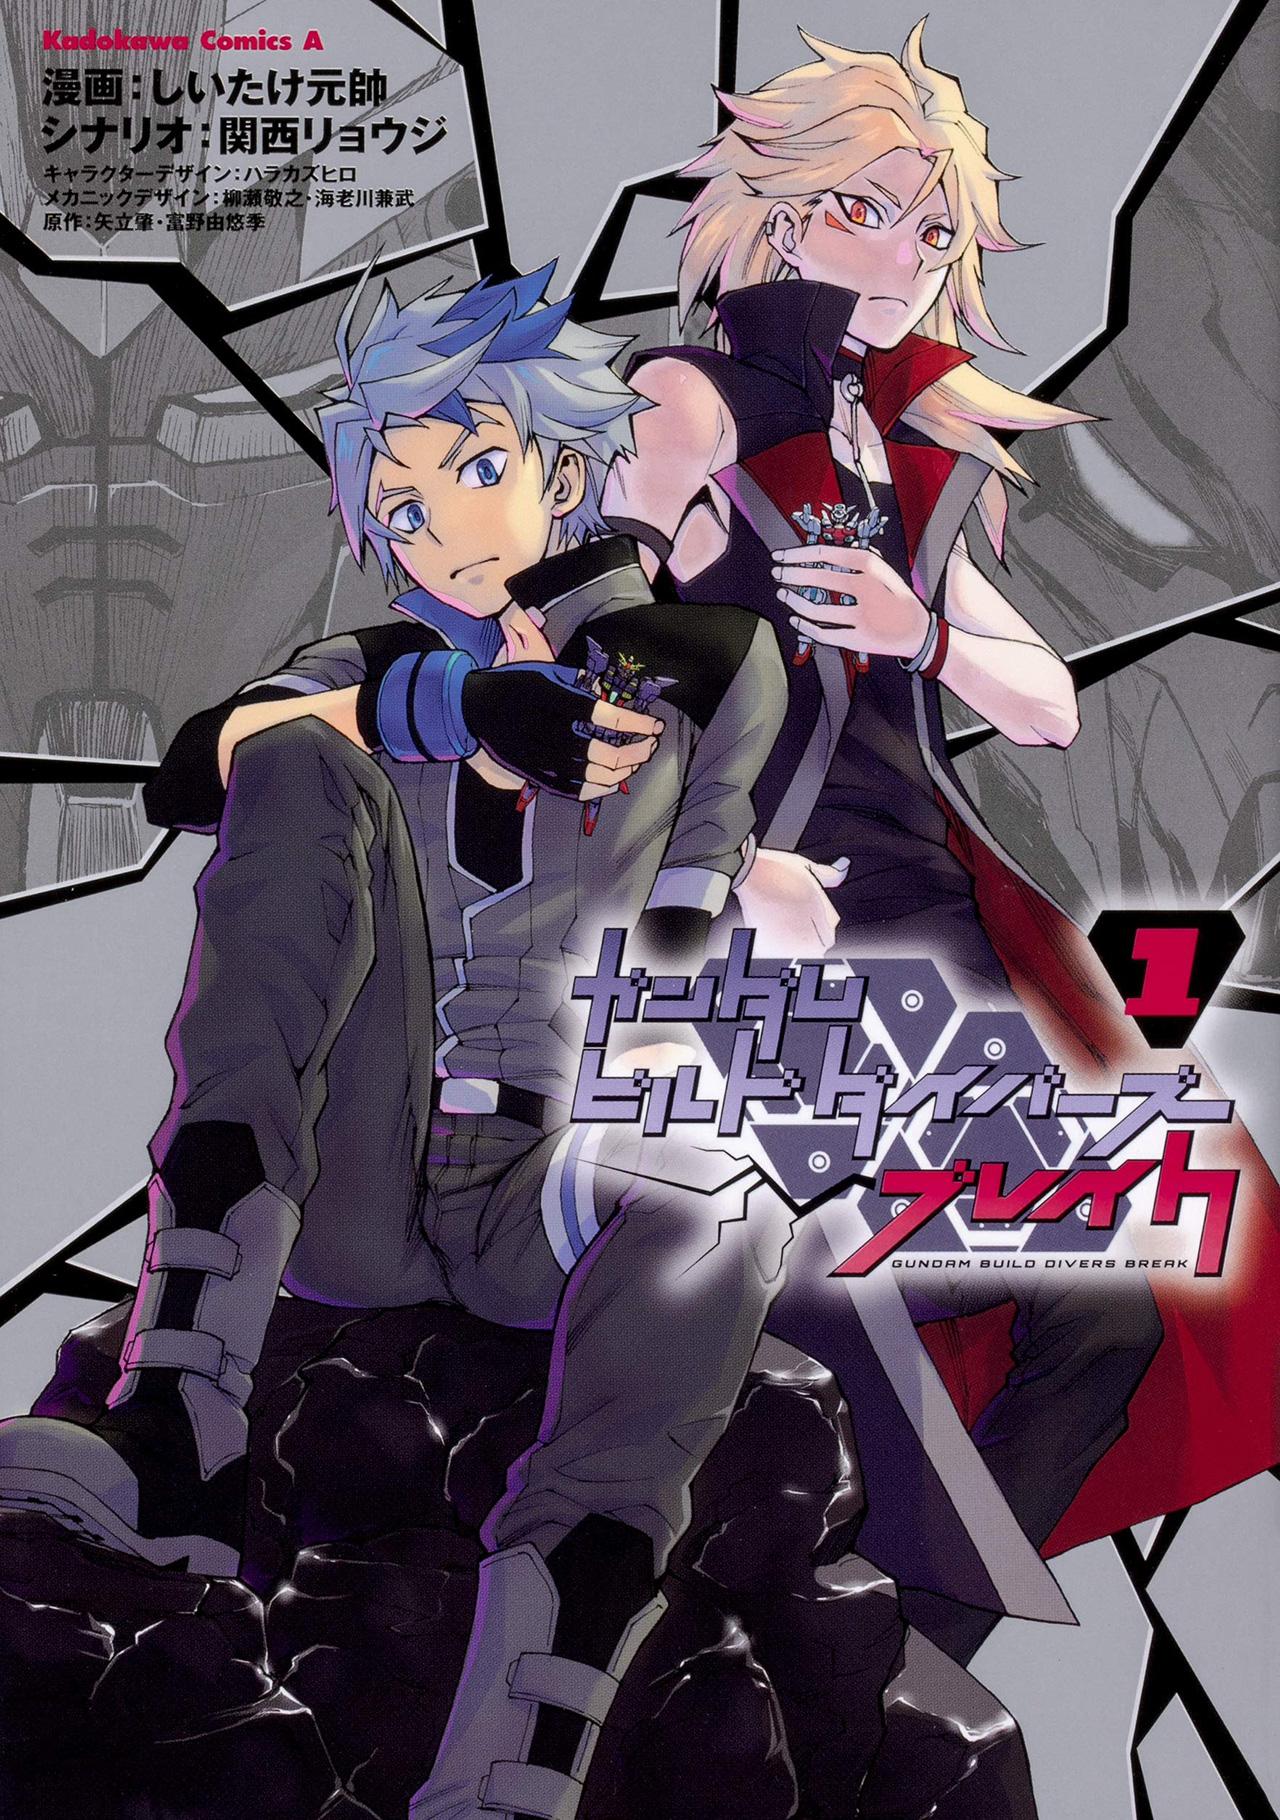 Capa do volume 1 de Gundam Build Divers Break